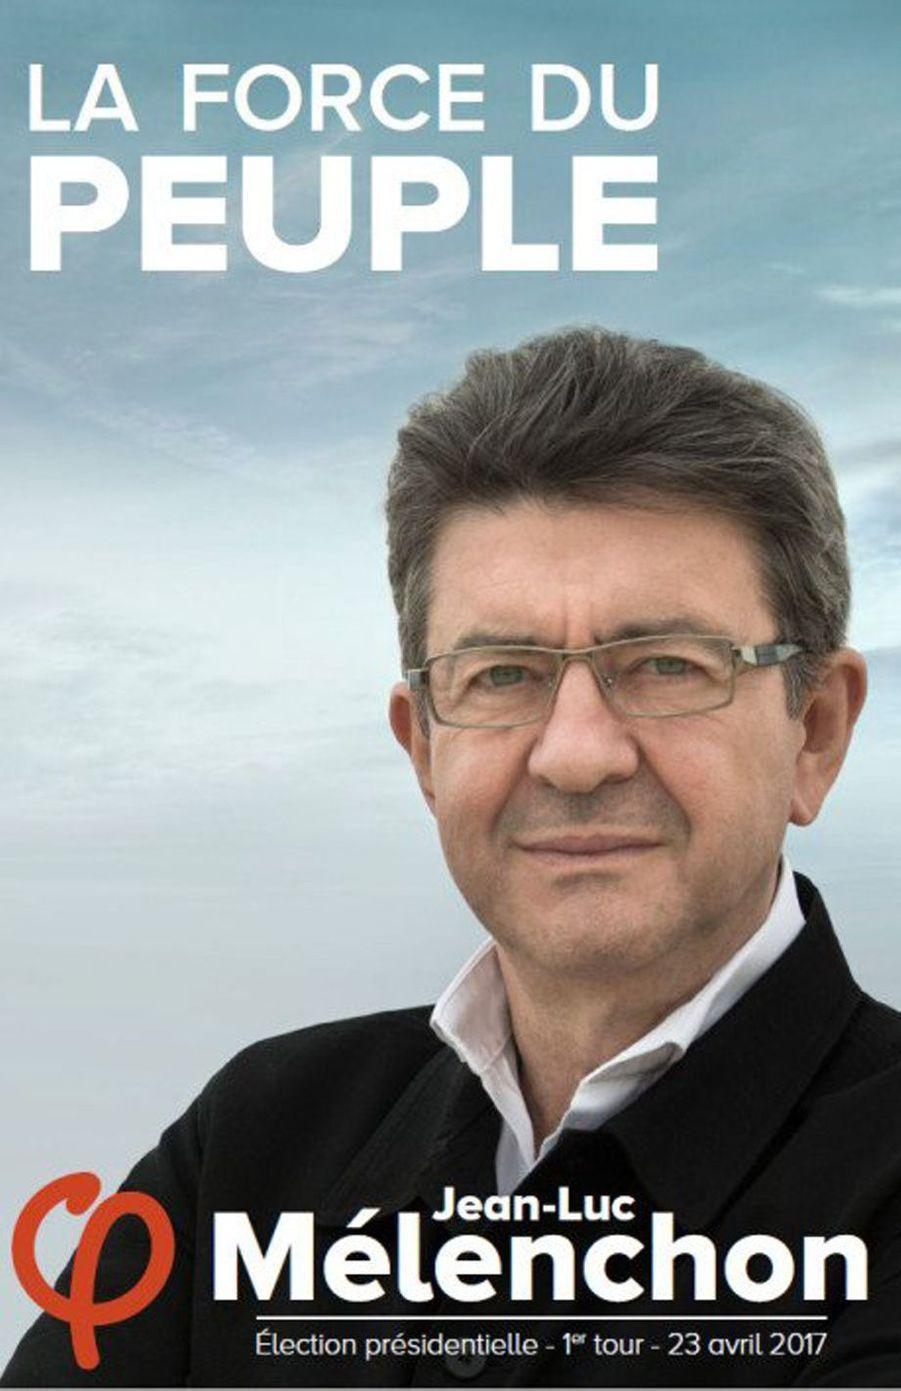 Jean-Luc Mélenchon ( La France insoumise).